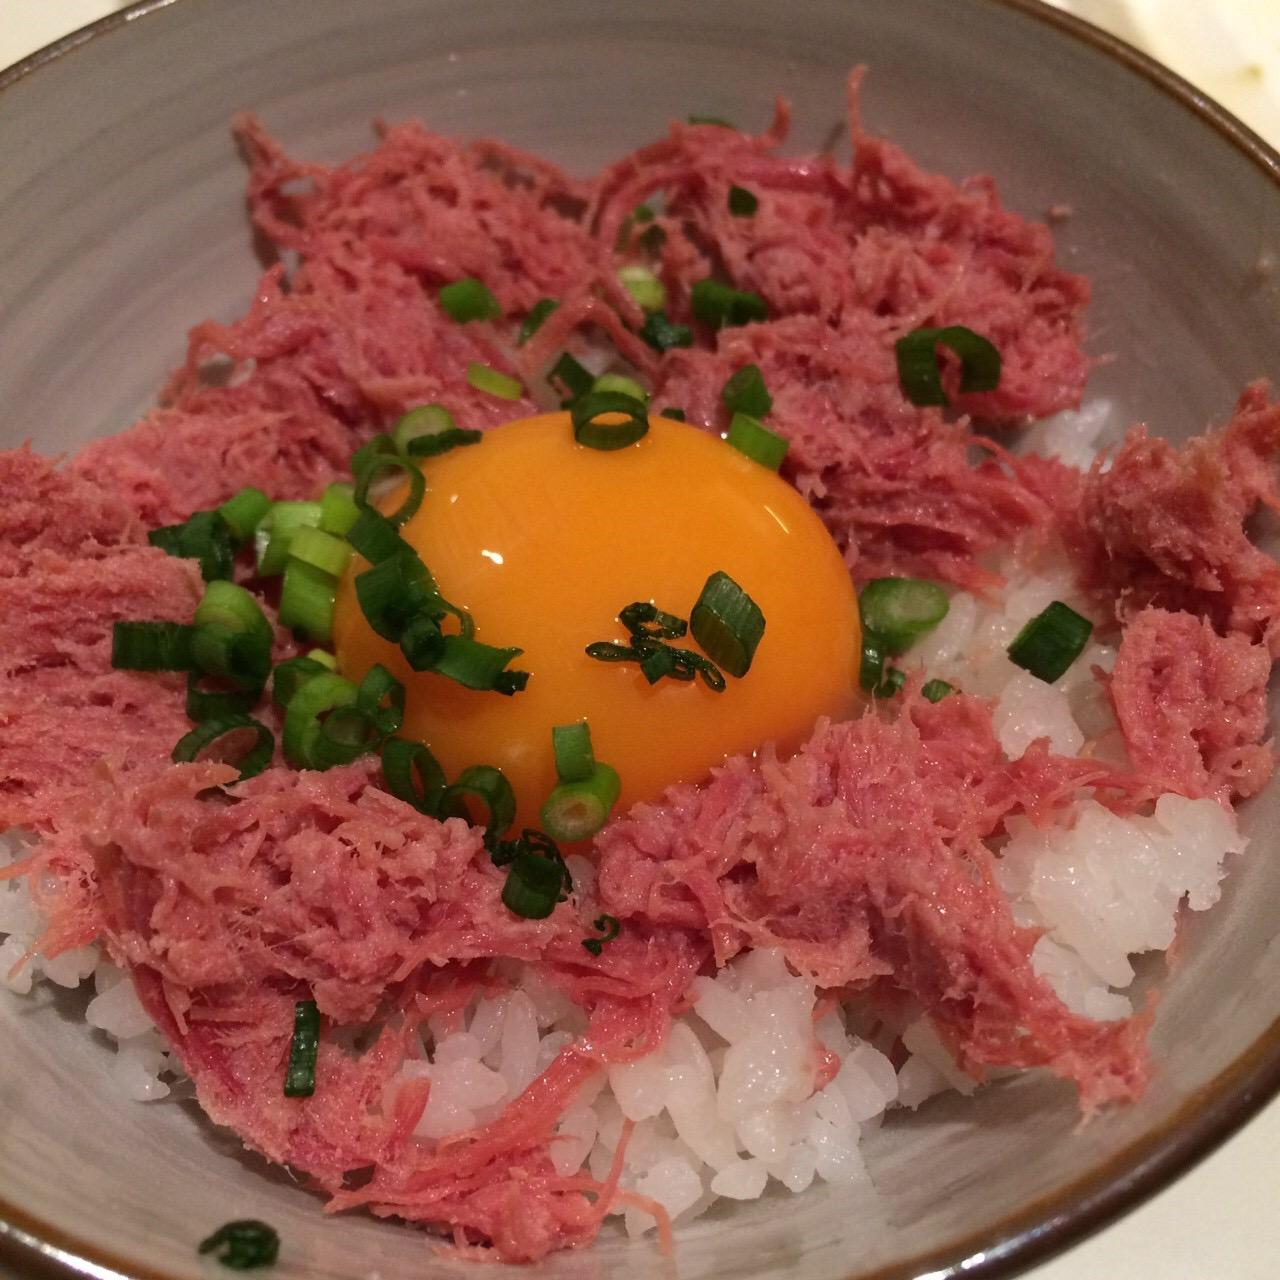 http://yamazaki-kazuyuki.com/diary/IMG_4887.JPG